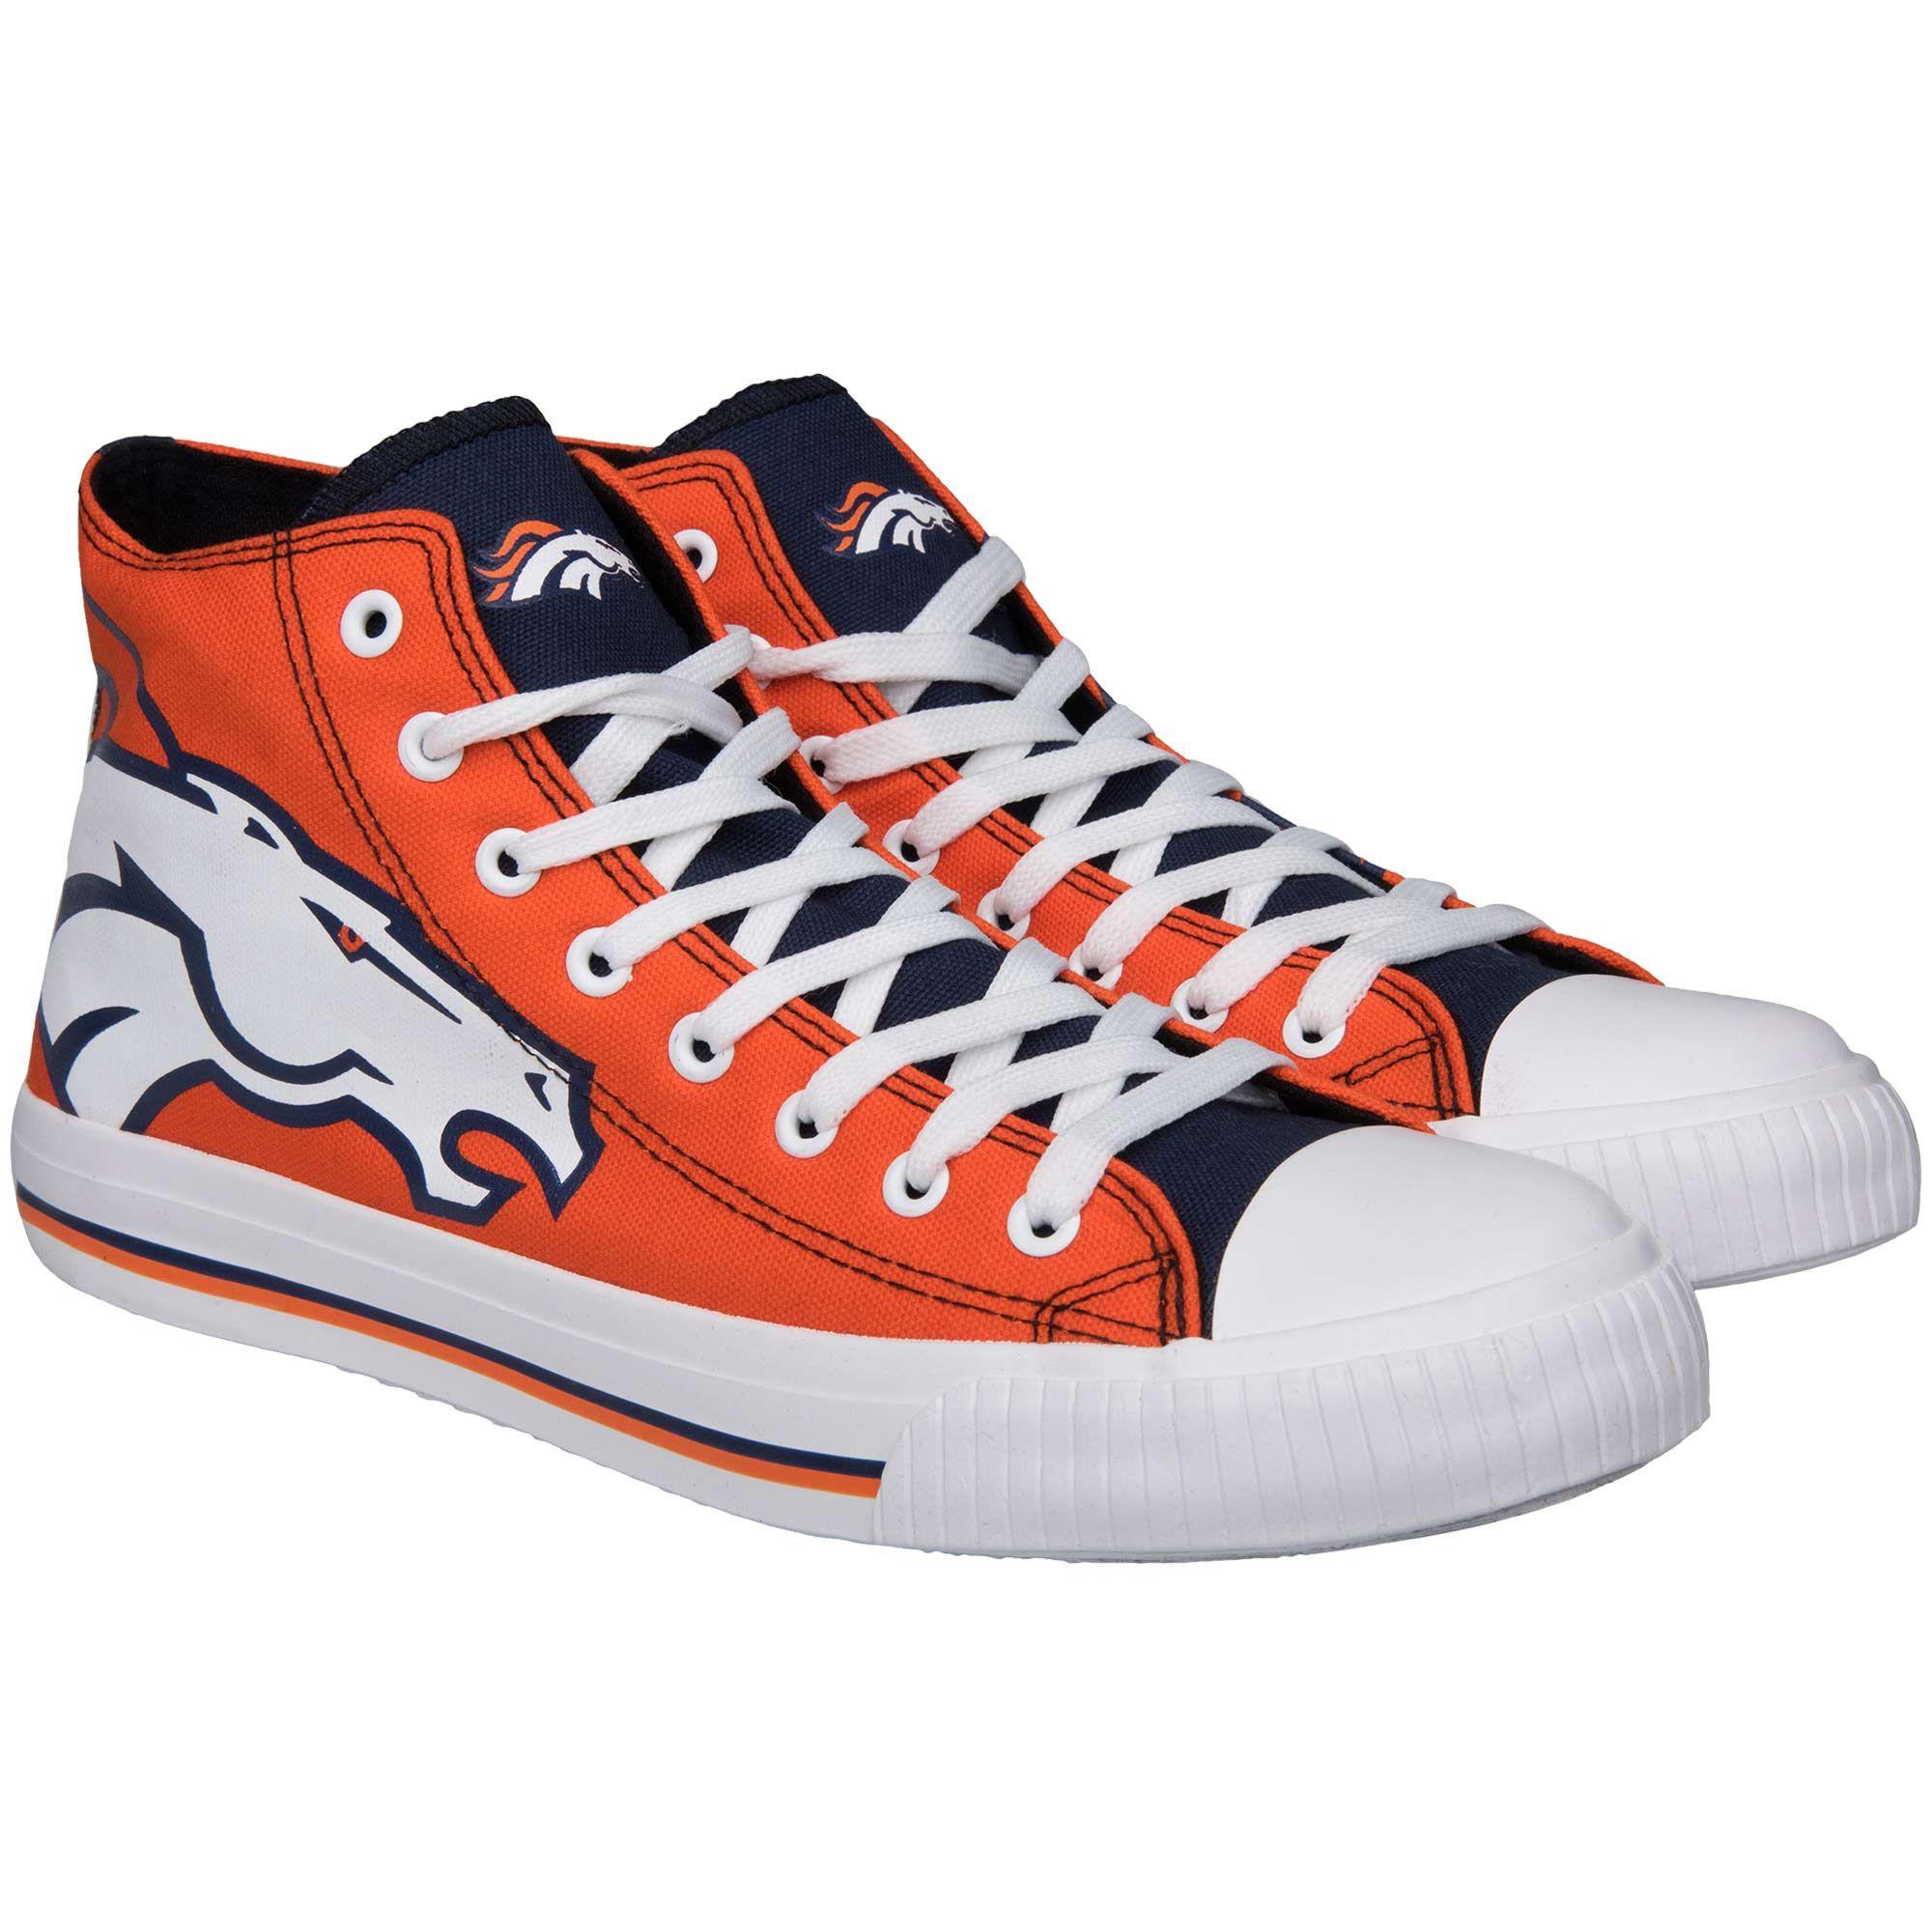 8611ff1f8e53bc NFL Denver Broncos Big Logo High Top Sneakers